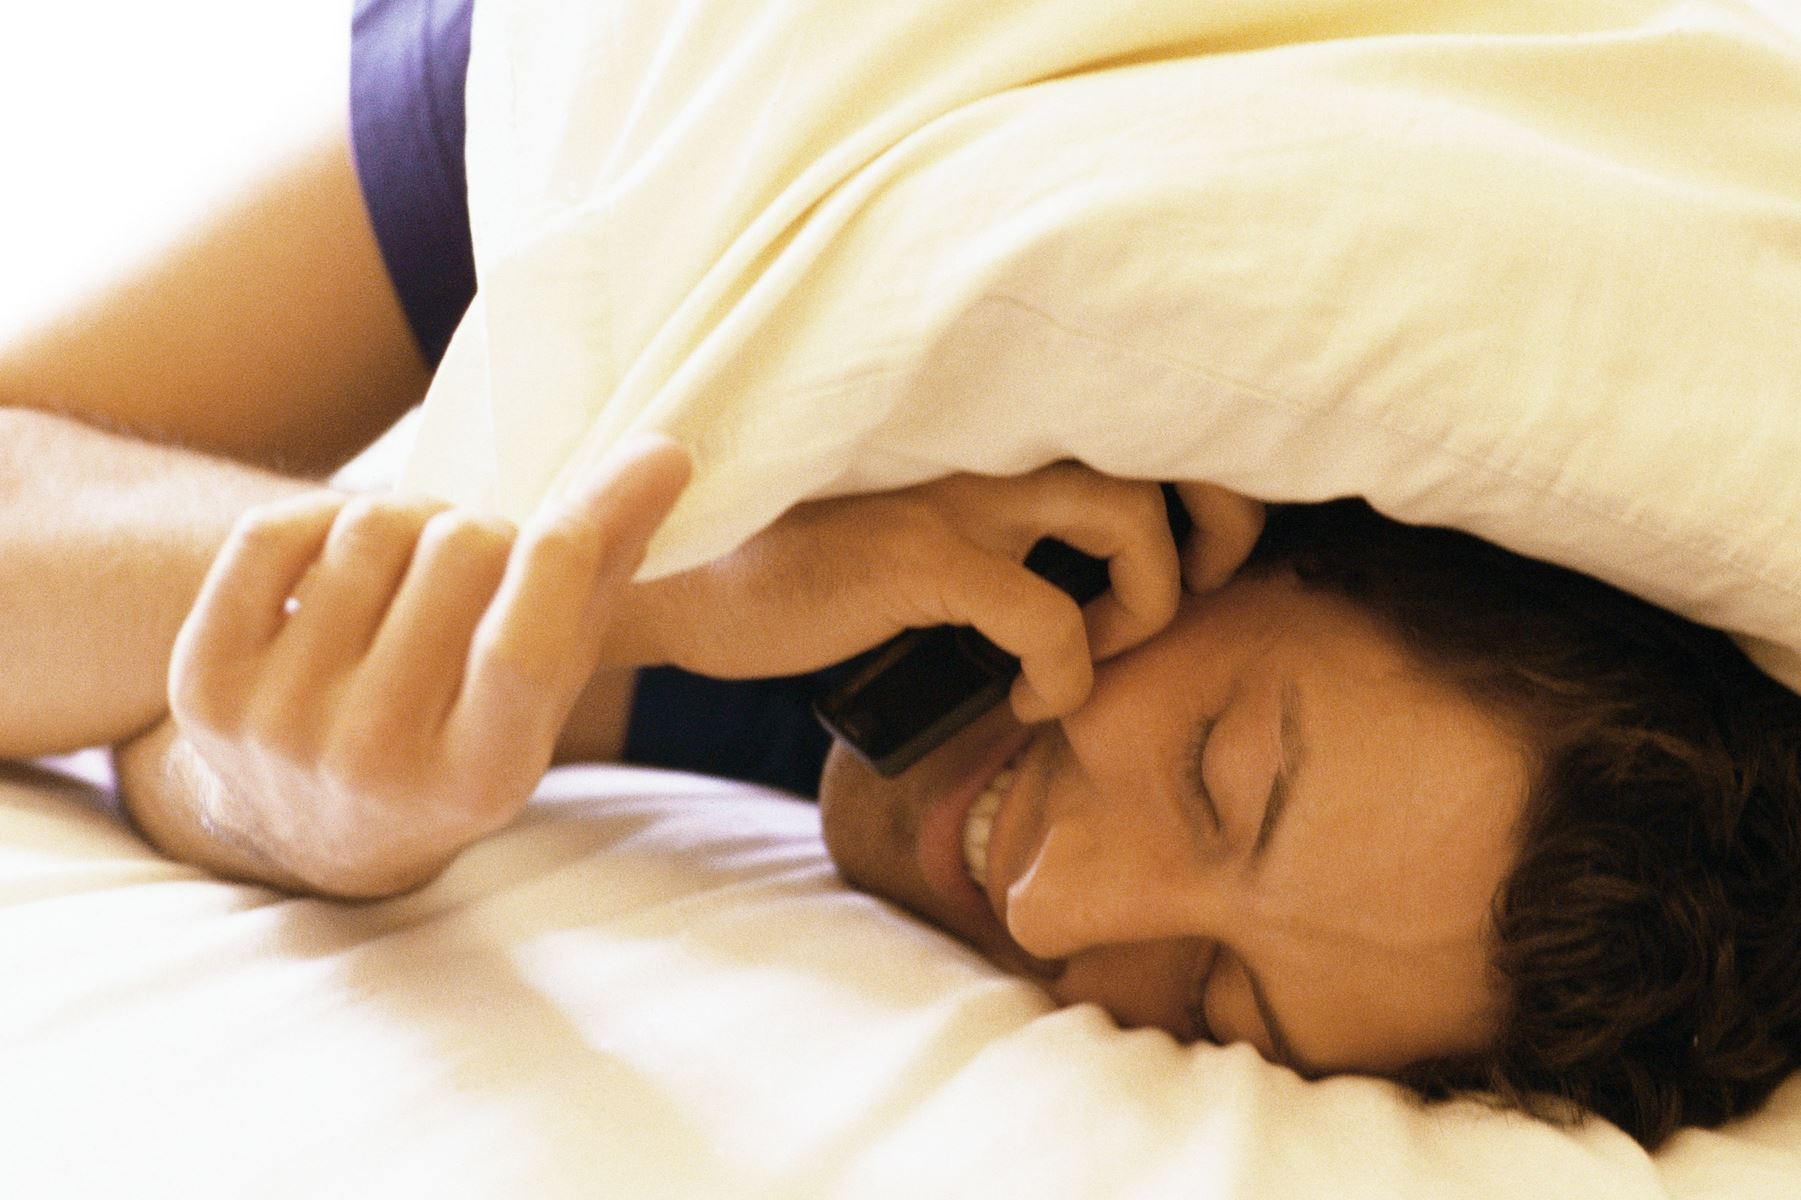 Mobilen lyser og vibrerer dag og nat i teenageværelset. Professor anbefaler at købe et vækkeur.